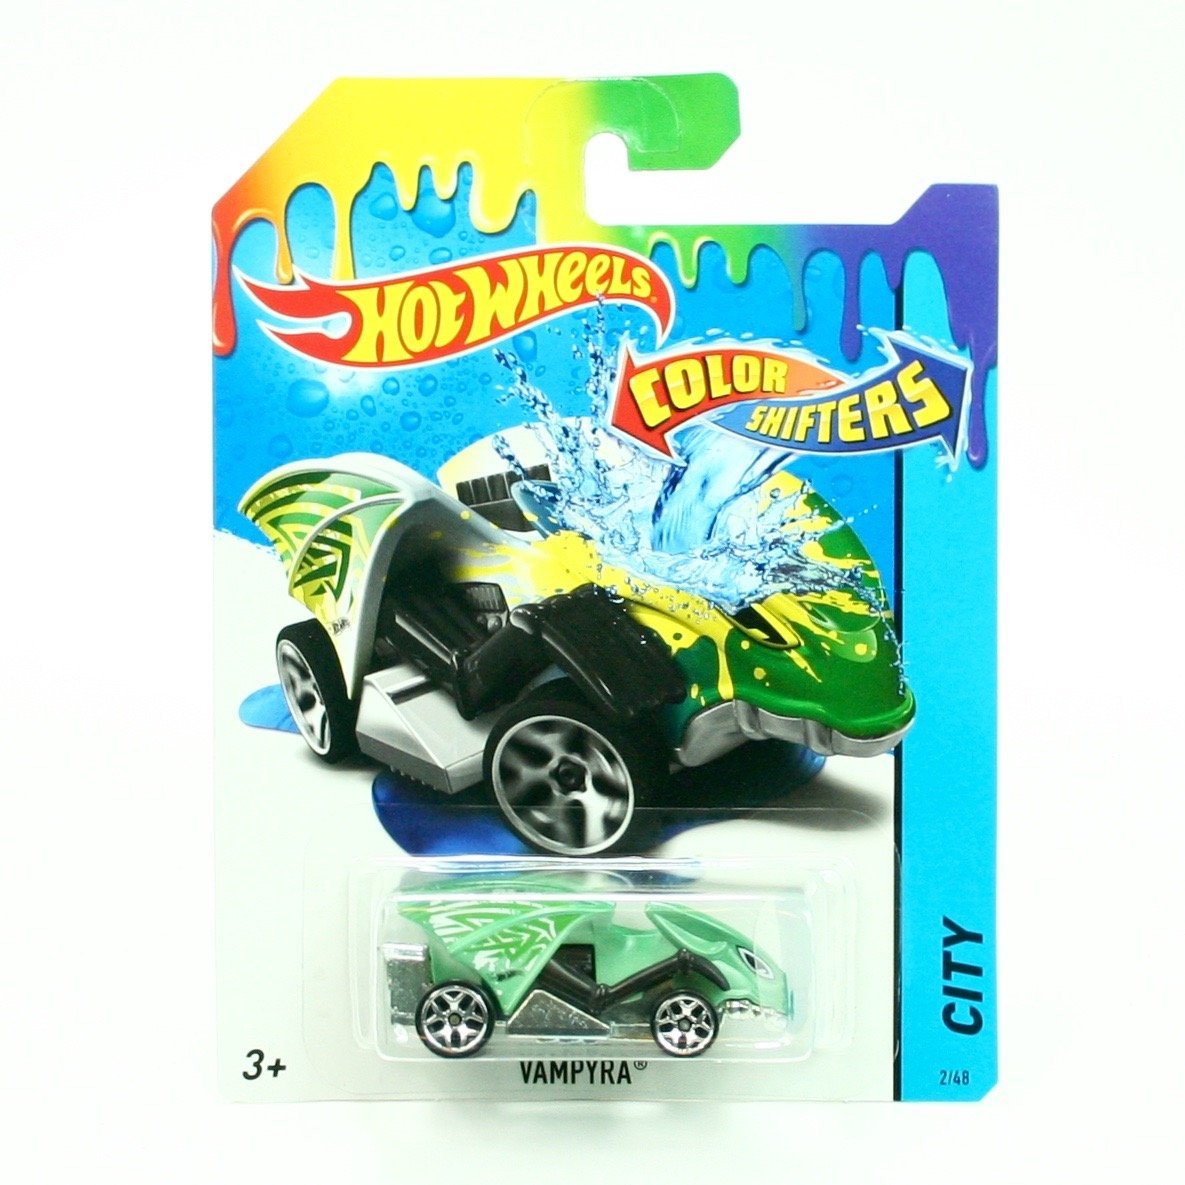 Hot Wheels City Color Shifters Vampyra Car 2/48